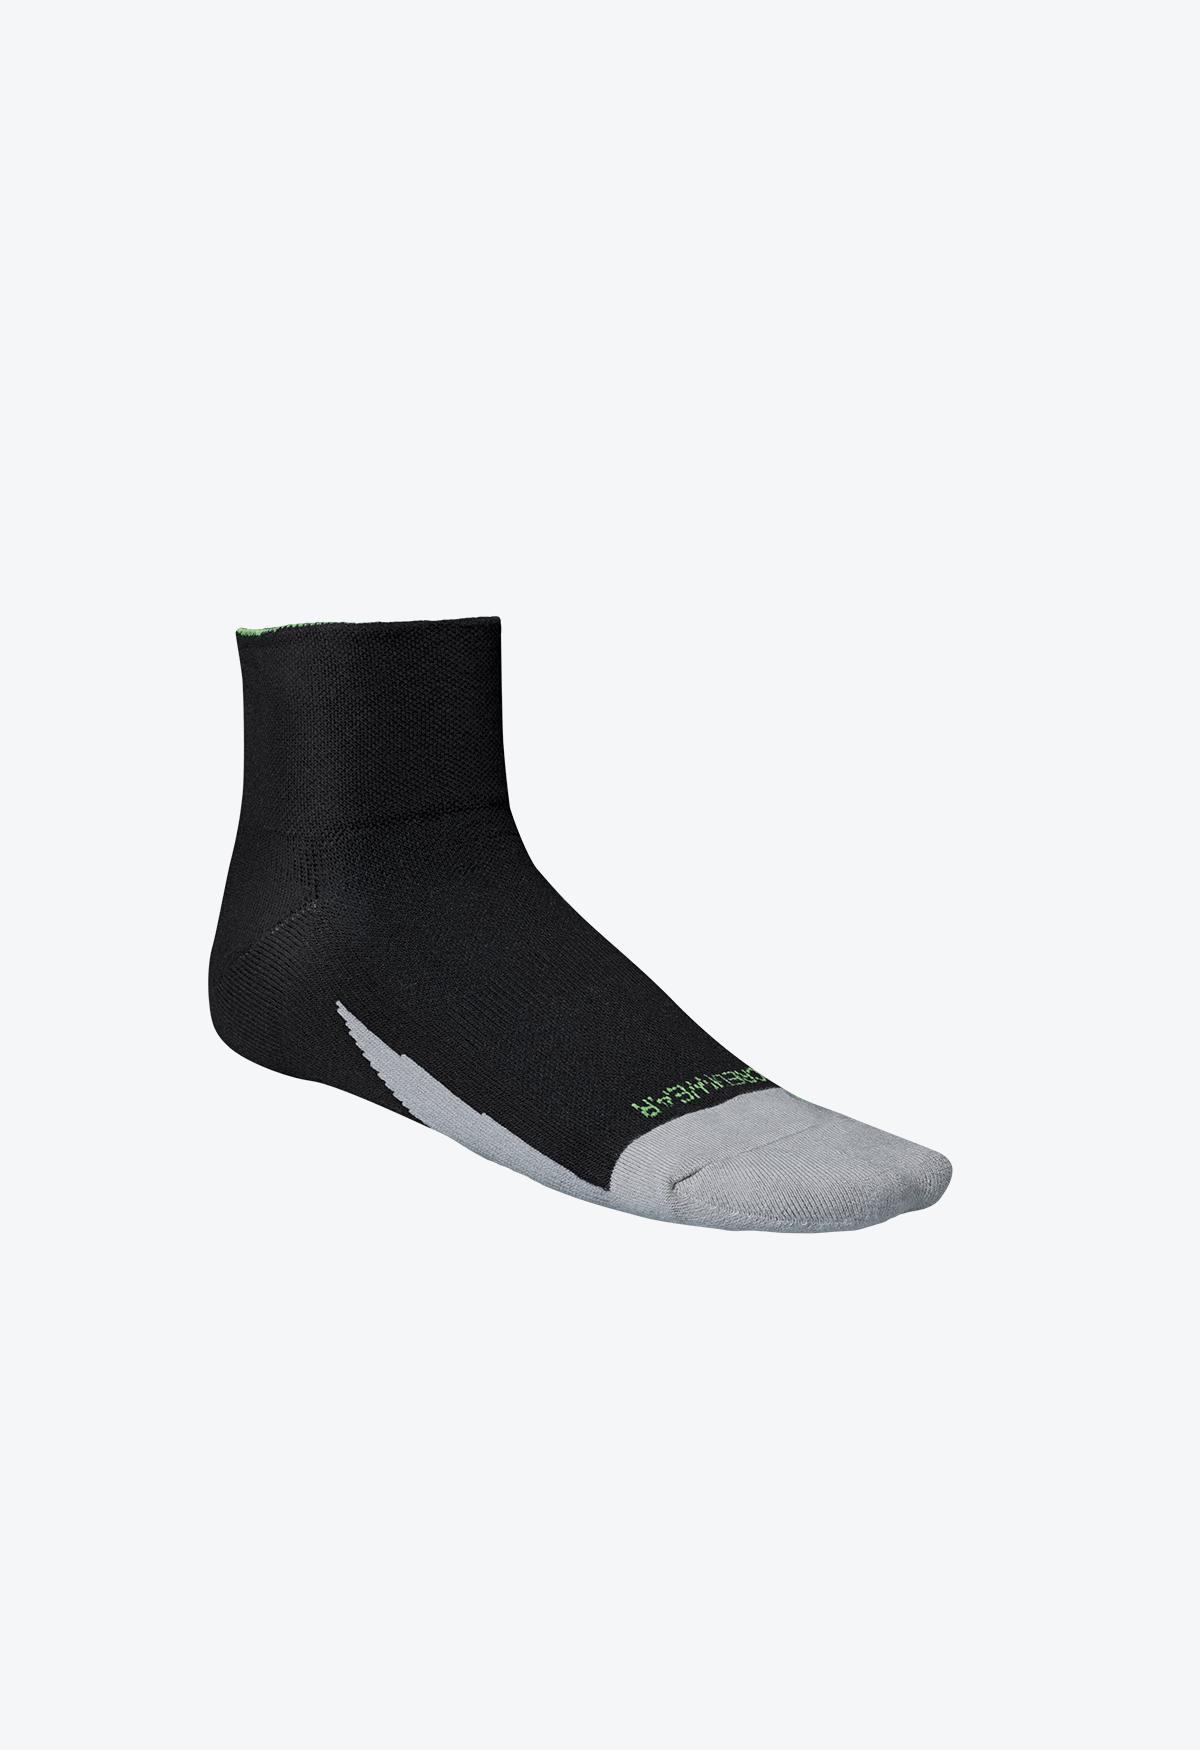 Golf_Socks_Quarter_Left